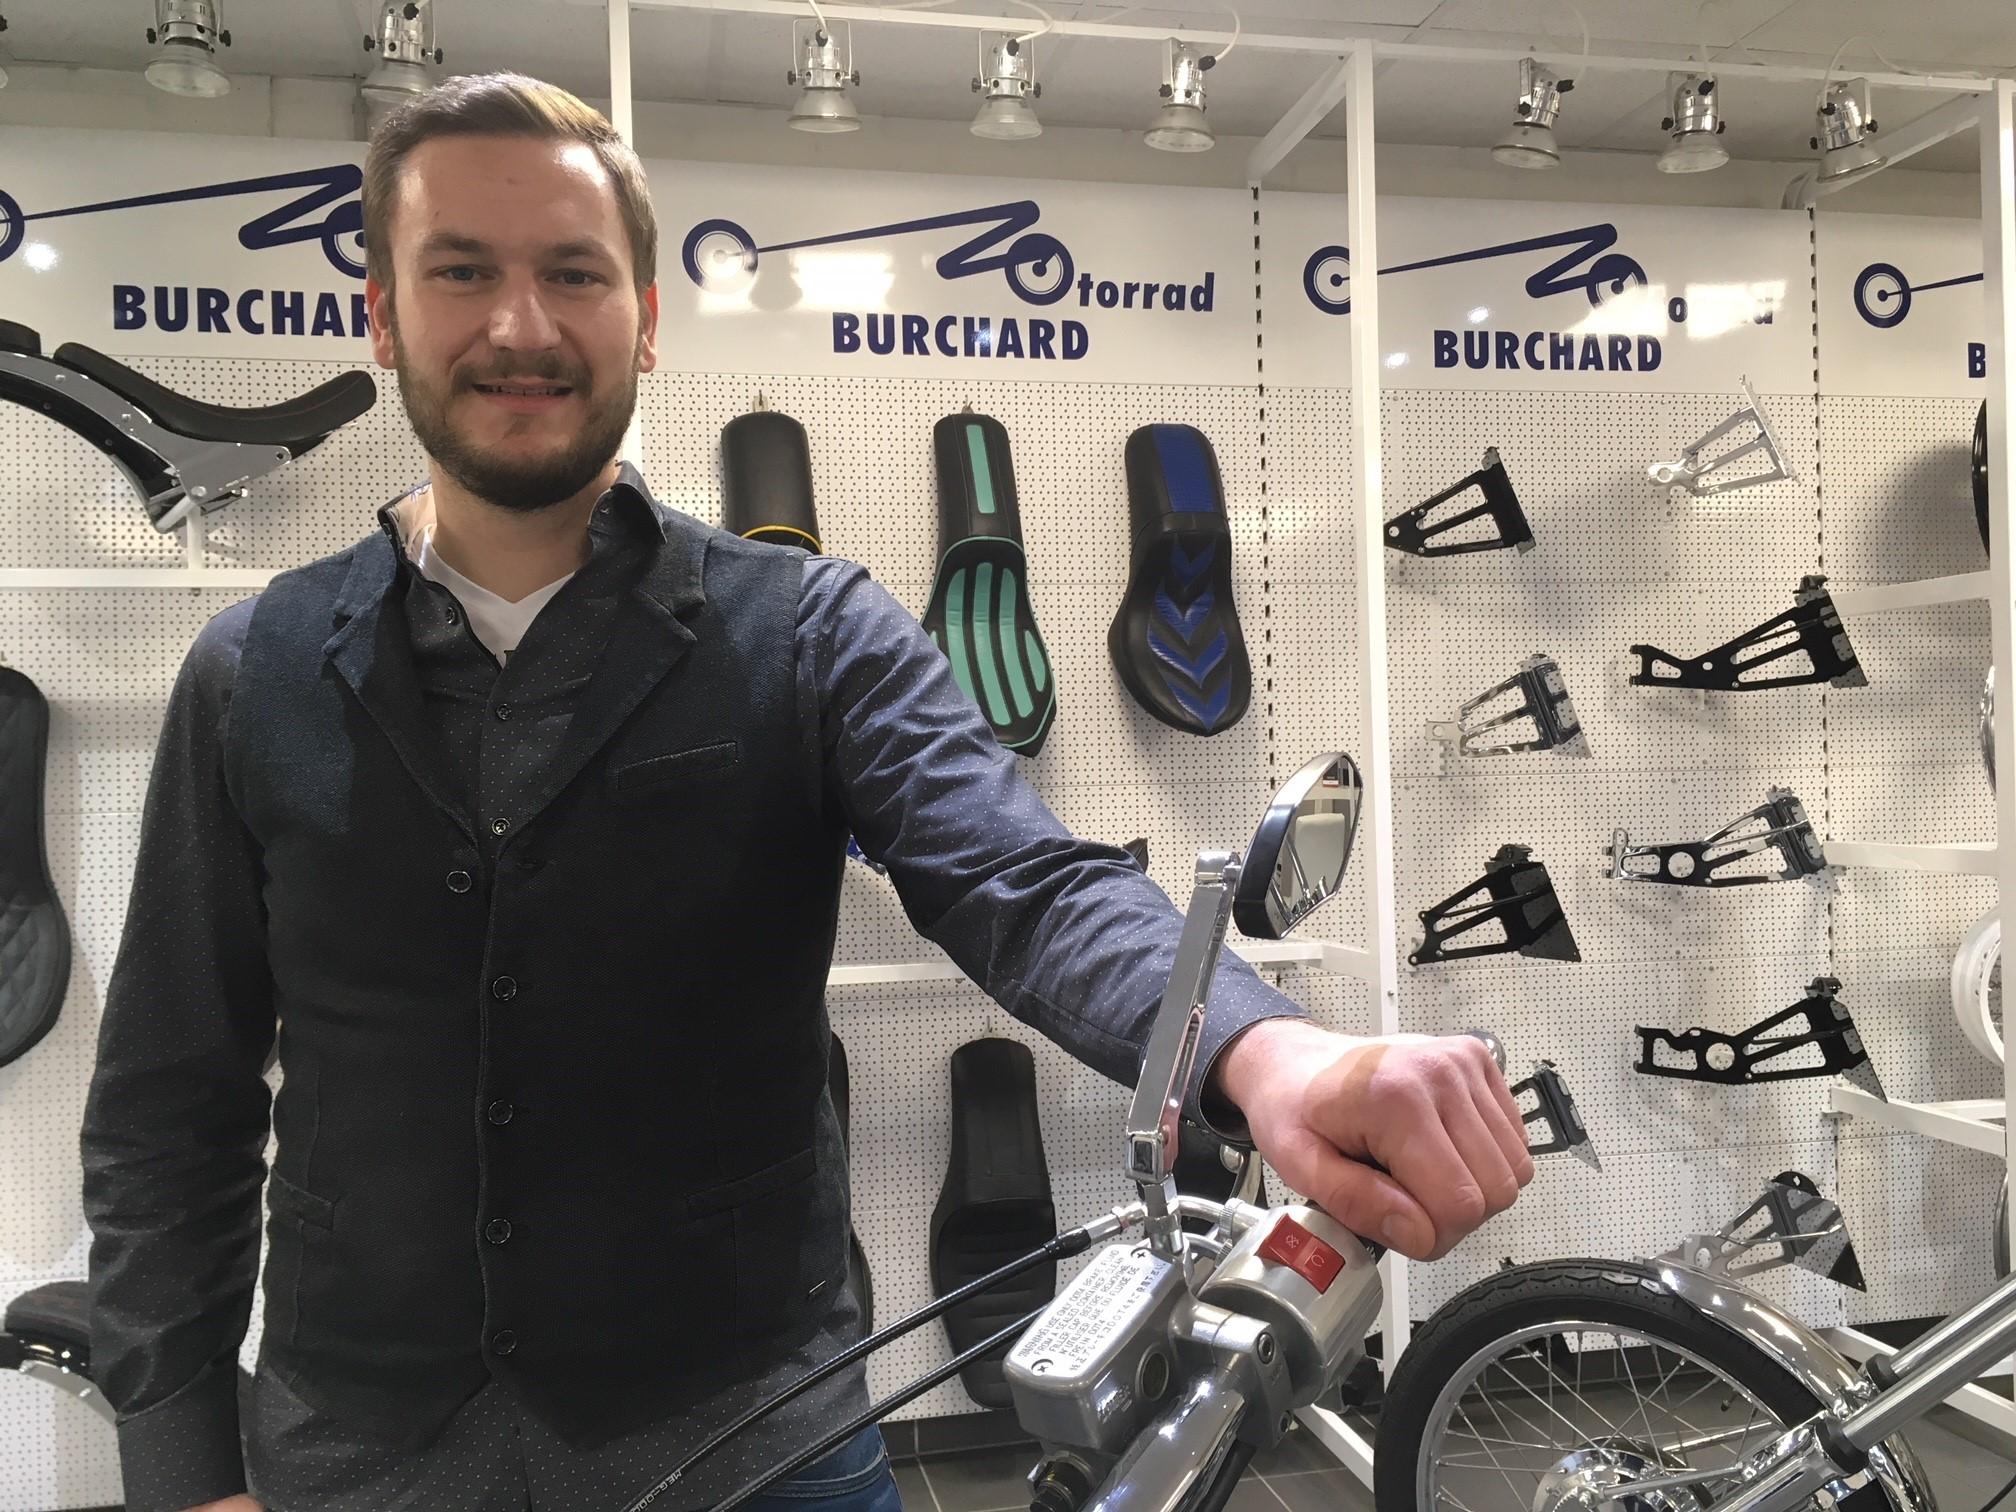 Sebastian Burchard, Geschäftsführer der Motorrad Burchard GmbH in seinem Geschäft, hinter einem Motorrad stehend.